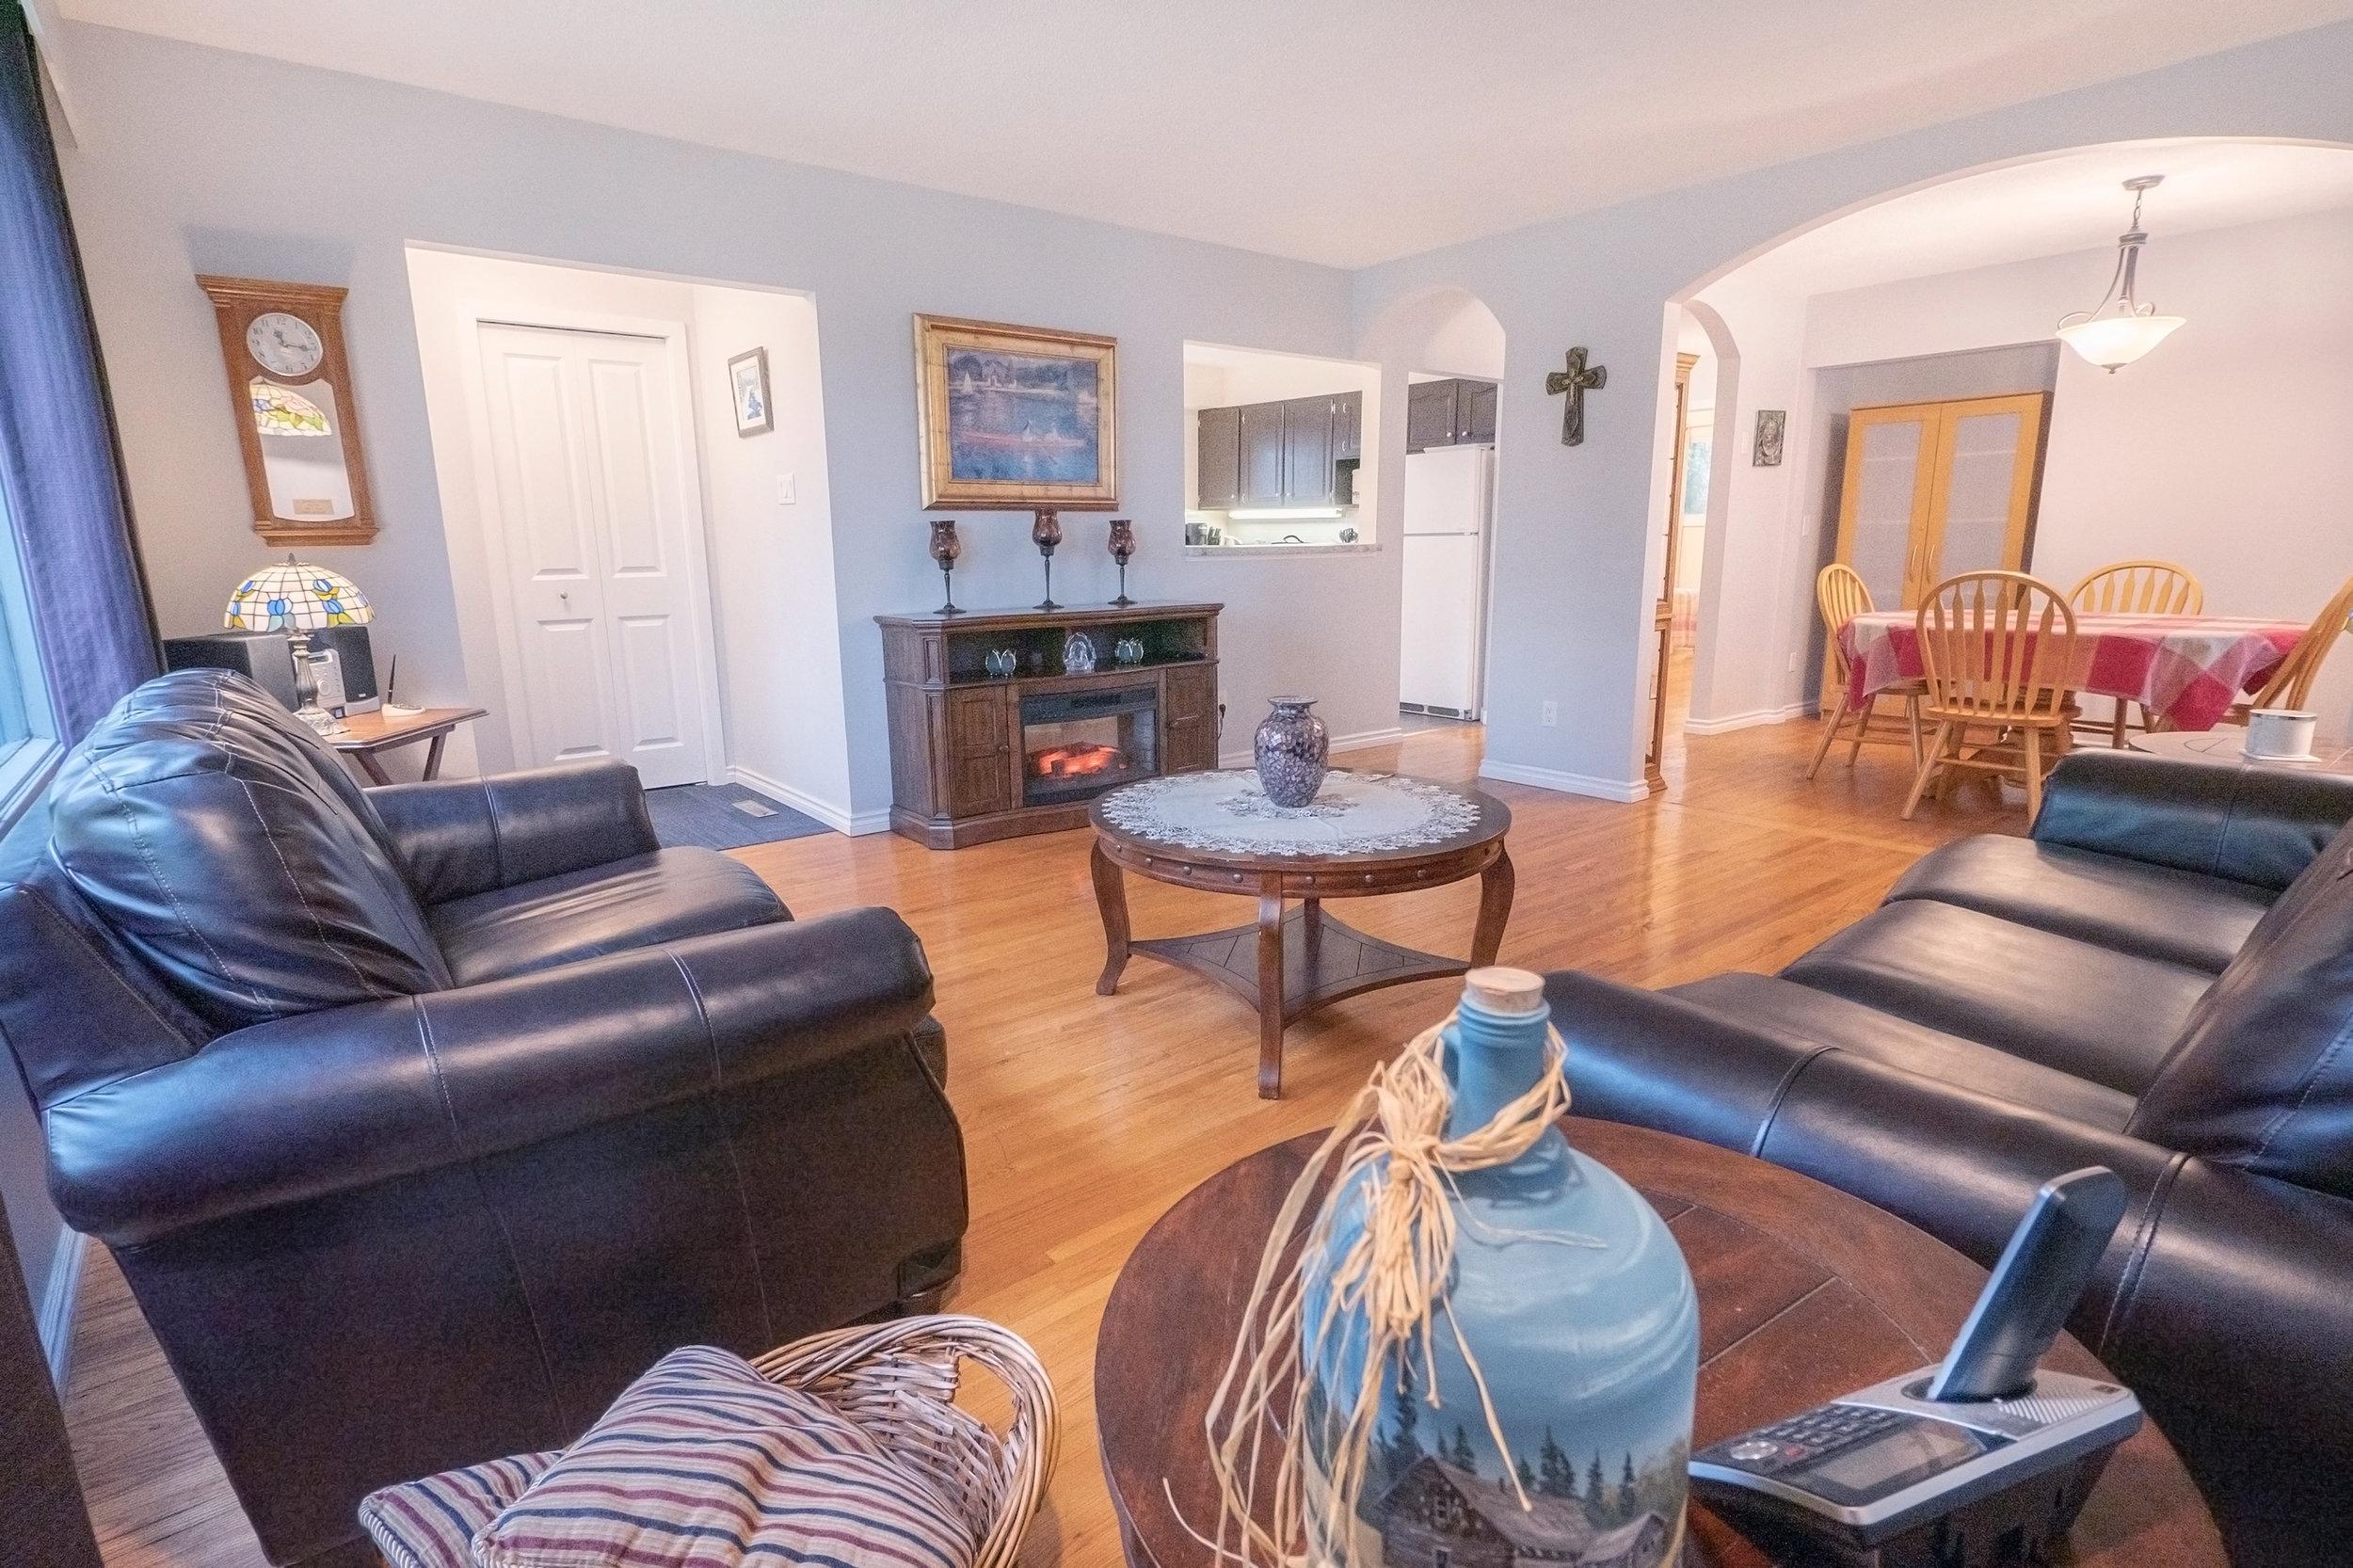 92 Hammond Living Room 3.jpg